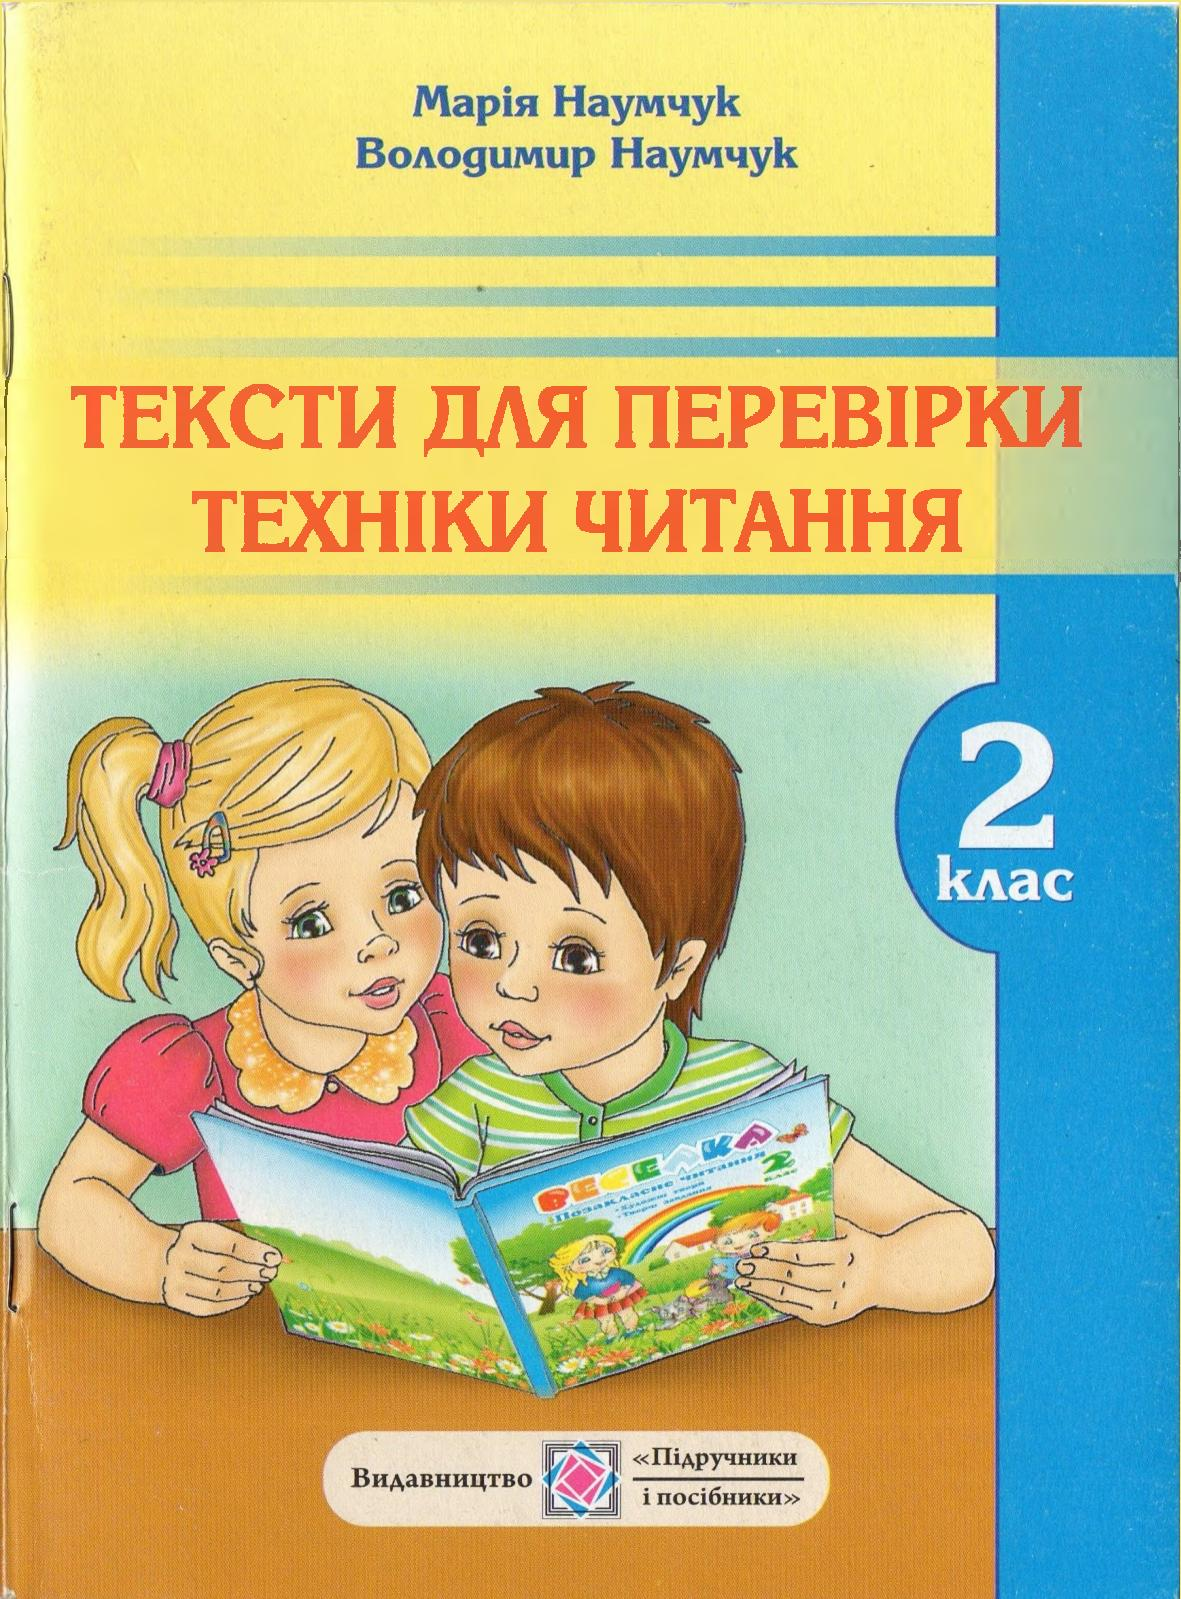 1naumchuk M Naumchuk V Teksti Dlya Perevirki Tekhniki Chitann